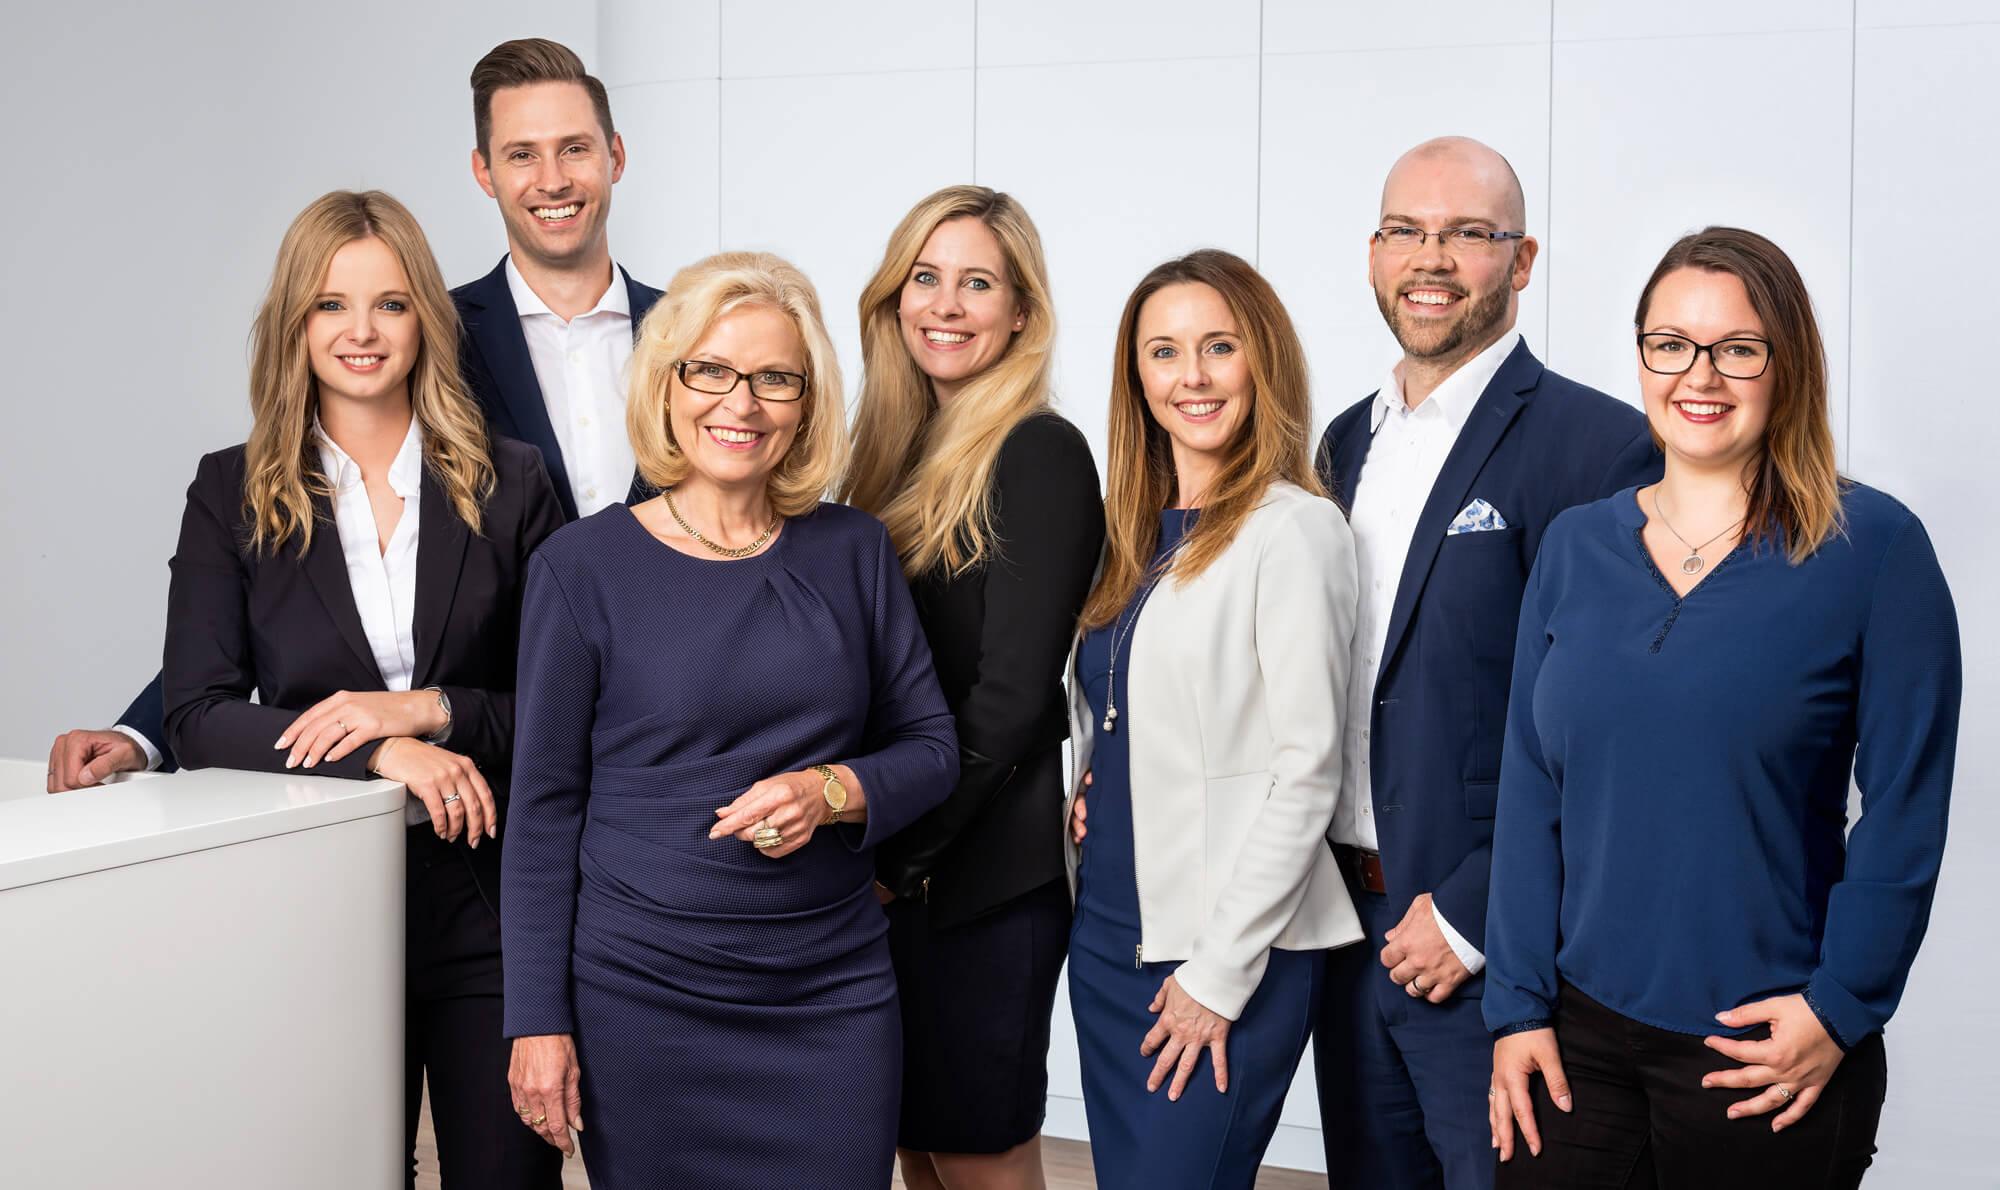 Unser neues Teammitglied – Johanna von Olnhausen